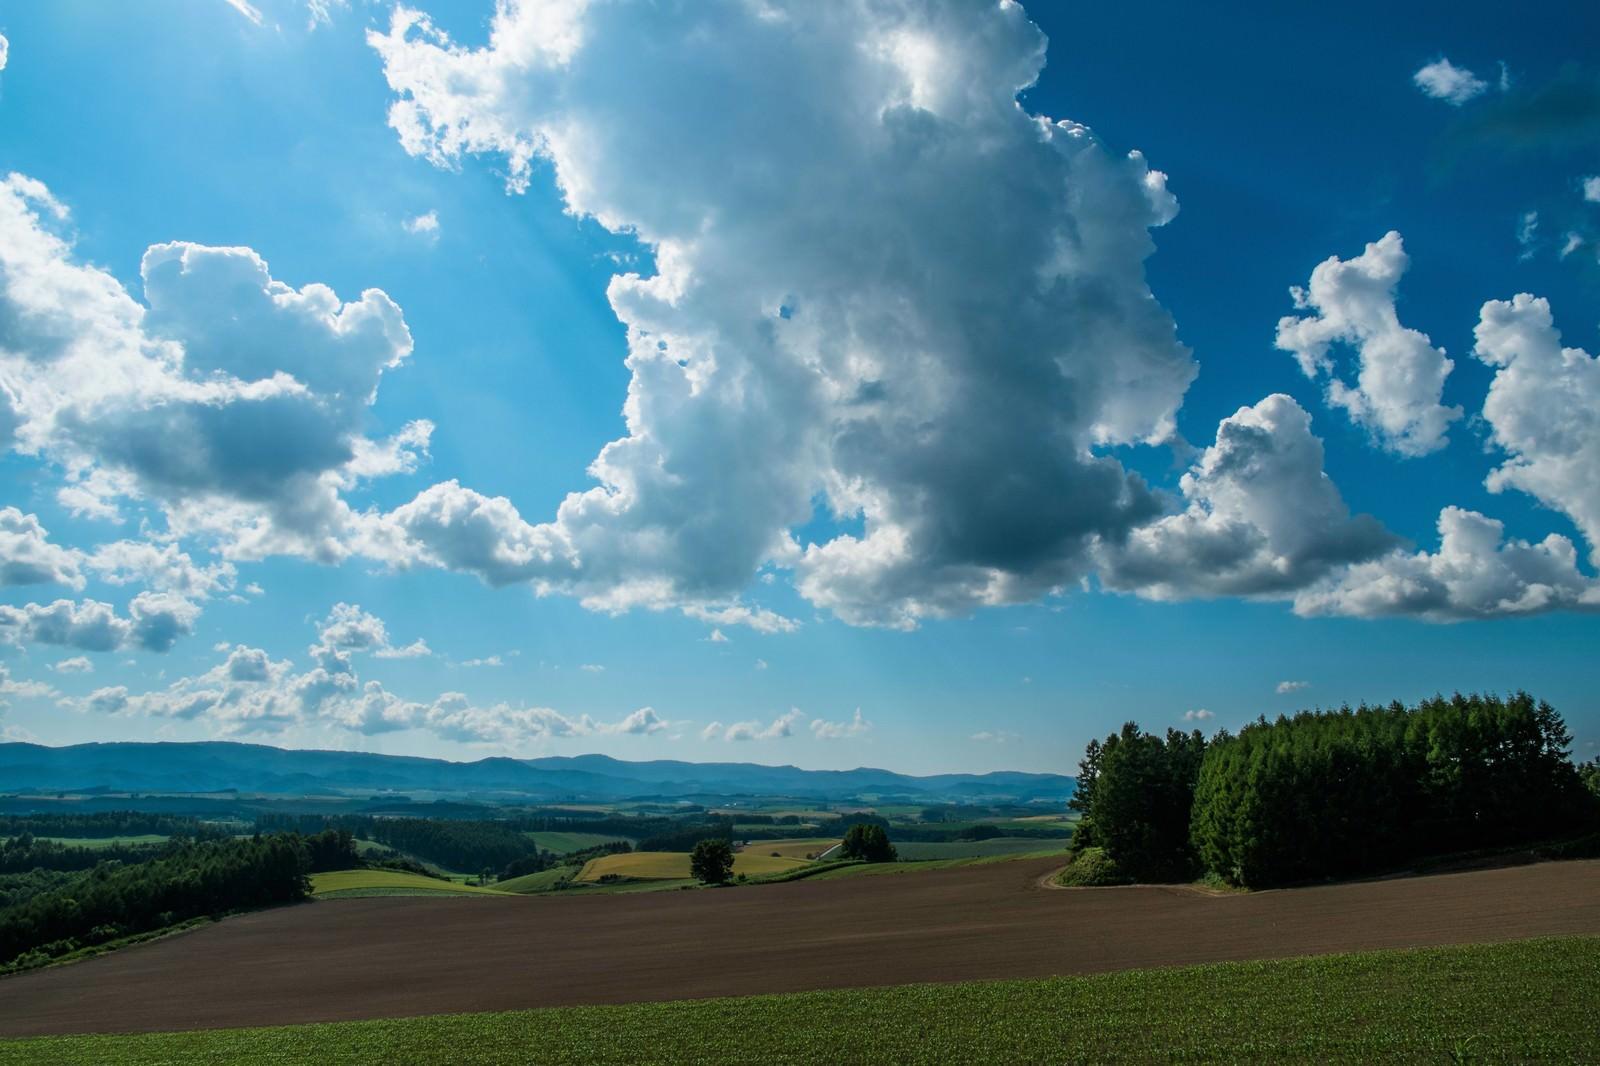 「北海道の広大な土地と青空」の写真